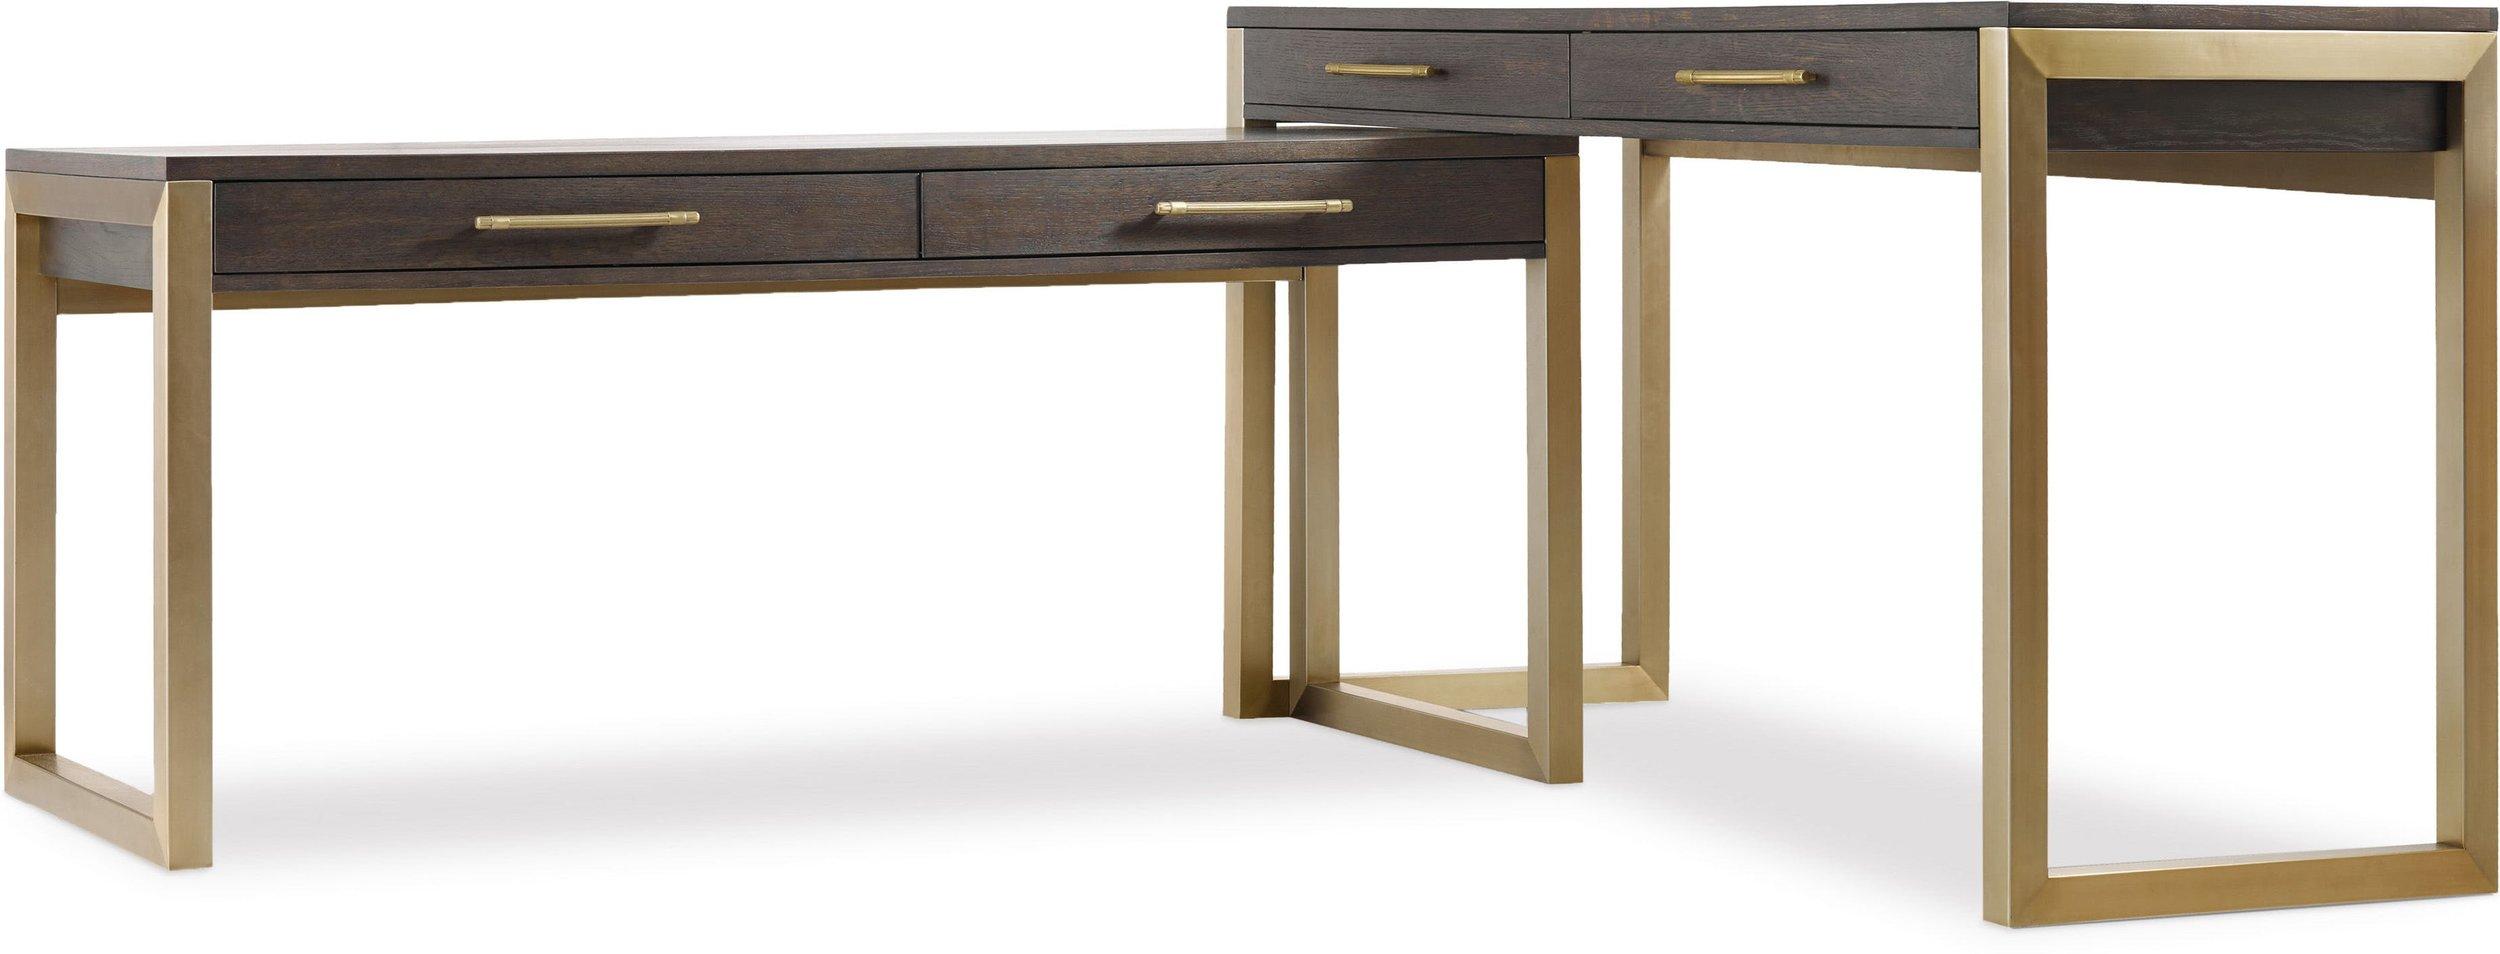 Matthews Interiors - Office Furniture - Hooker  1600-1045.jpg